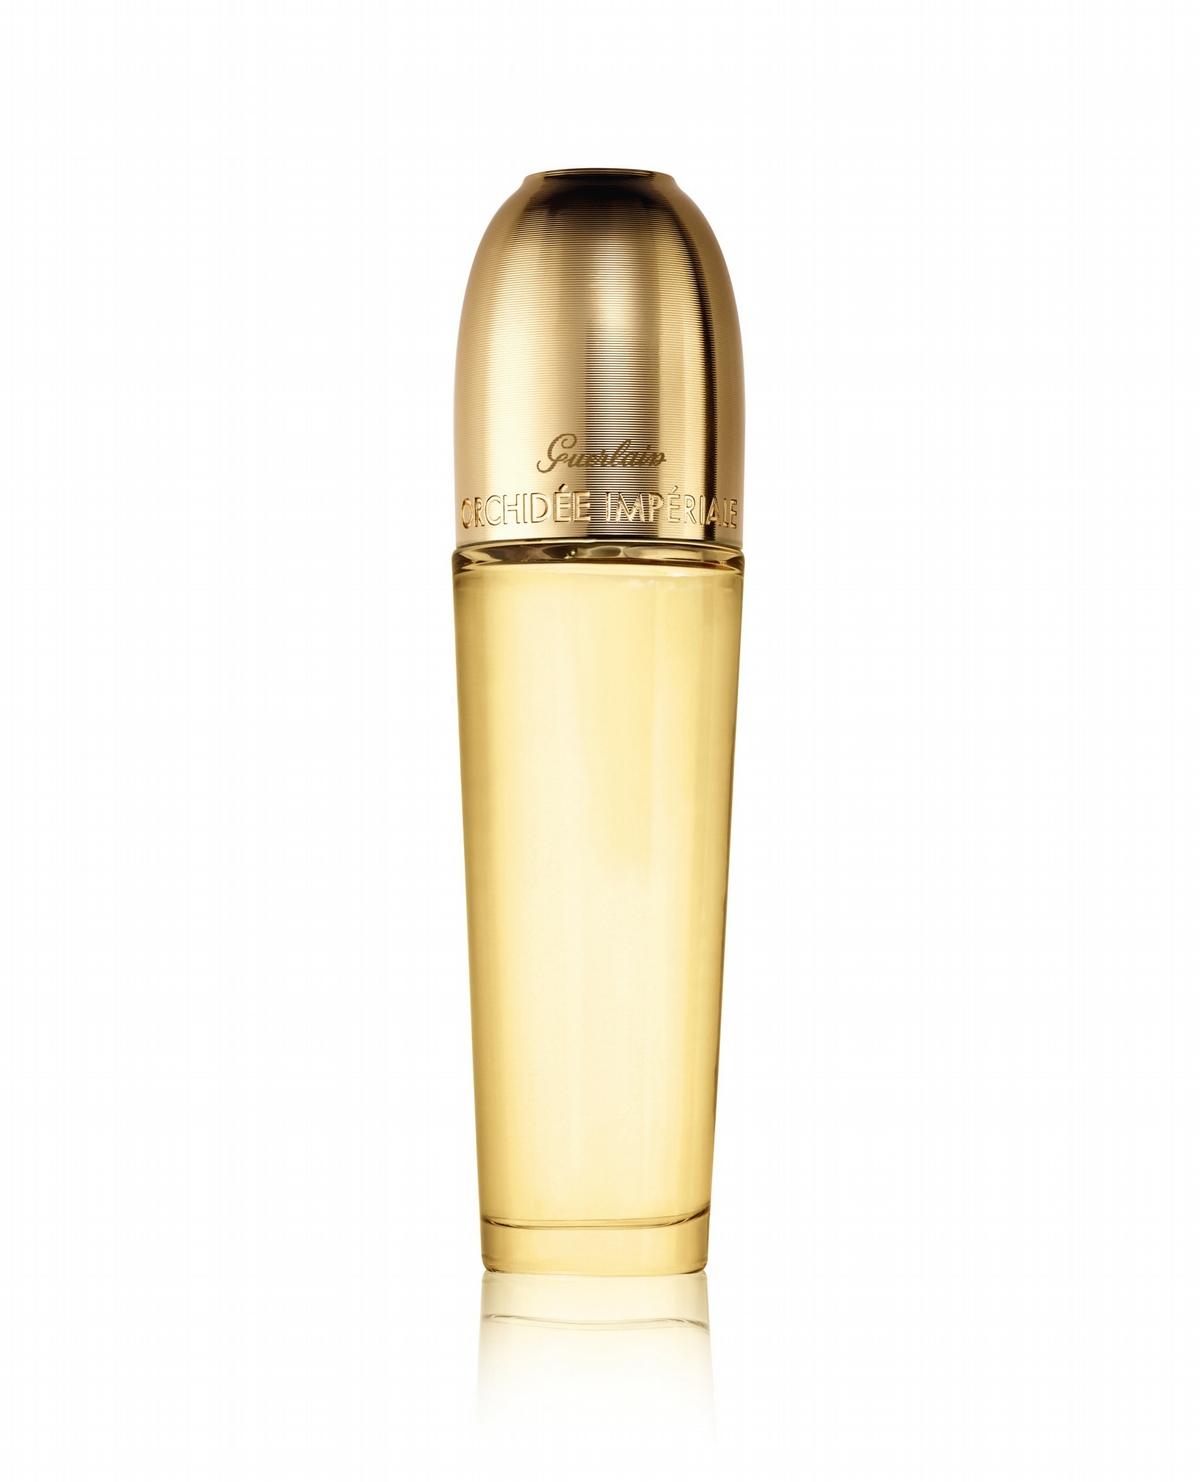 這一瓶金萃油要好好用在臉上,嬌蘭首款能緊緻肌膚的美容油,推開來史無前例的舒服,有清爽度,但依然有滋潤感